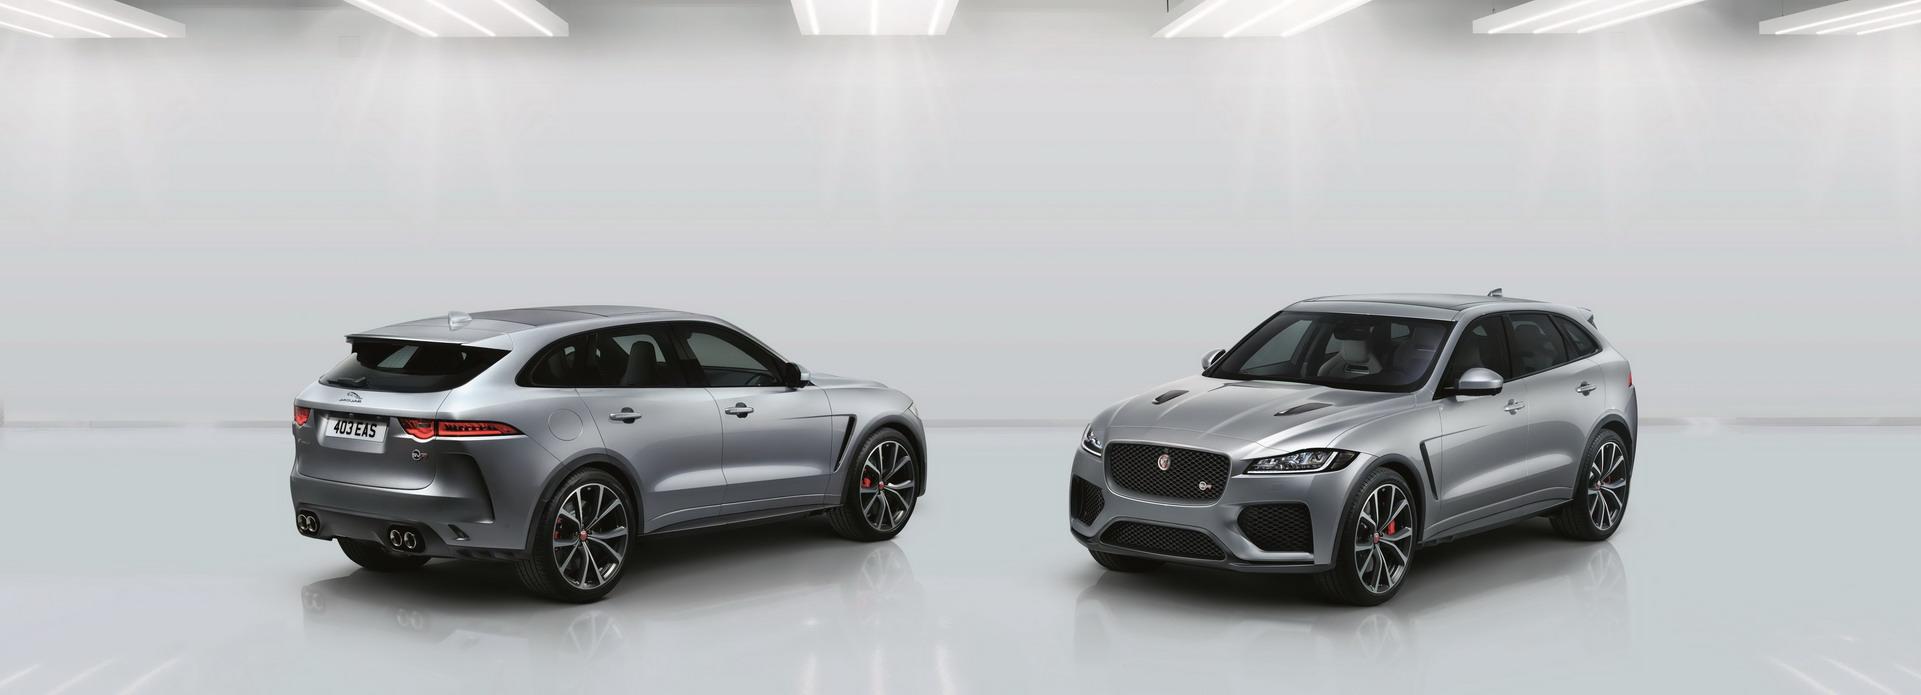 Jaguar F-Pace SVR 2018 (3)